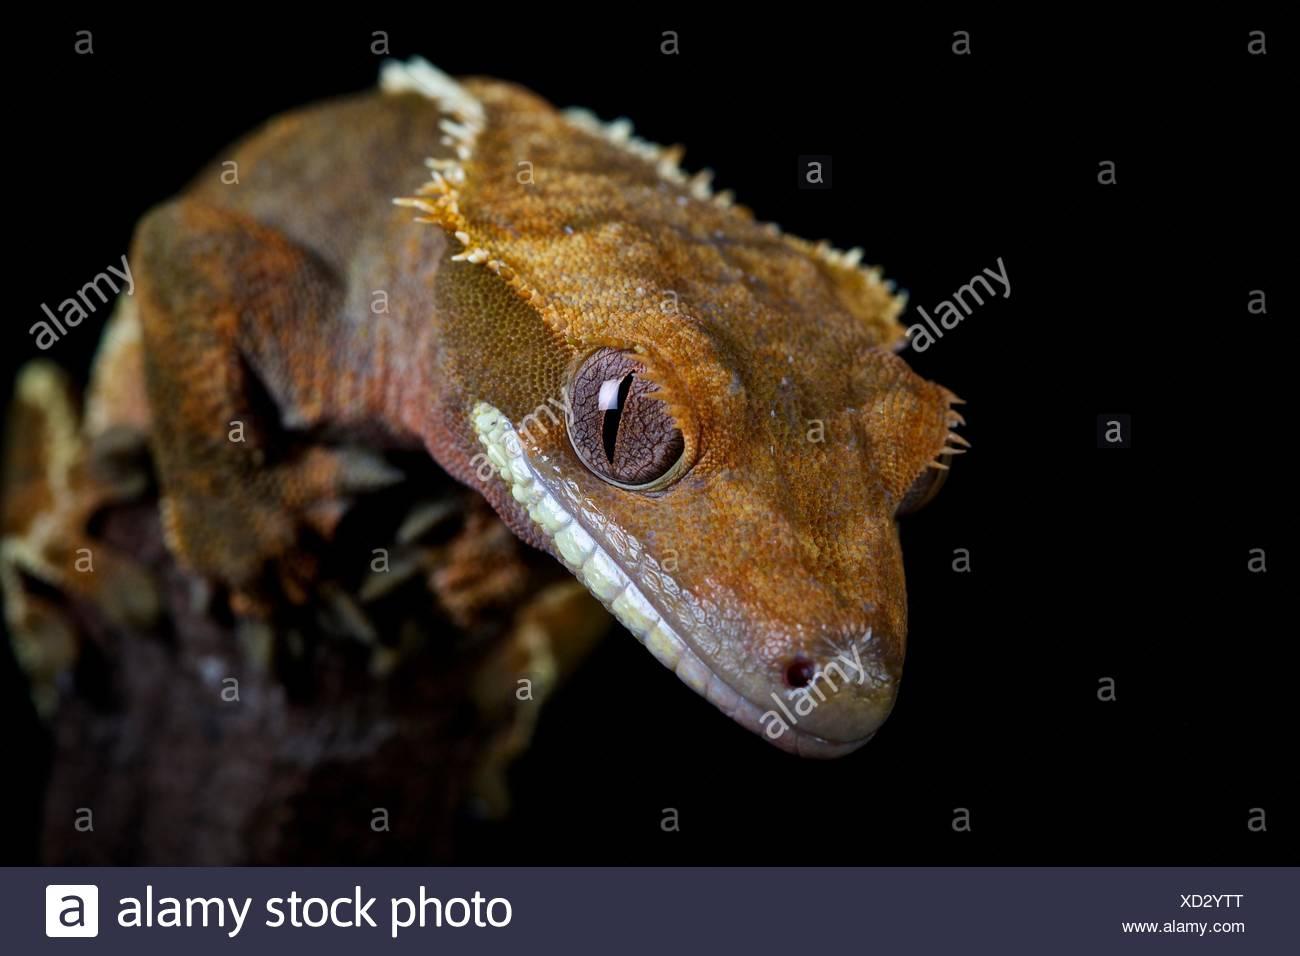 Captive, collezione privata Crested Gecko Foto Stock